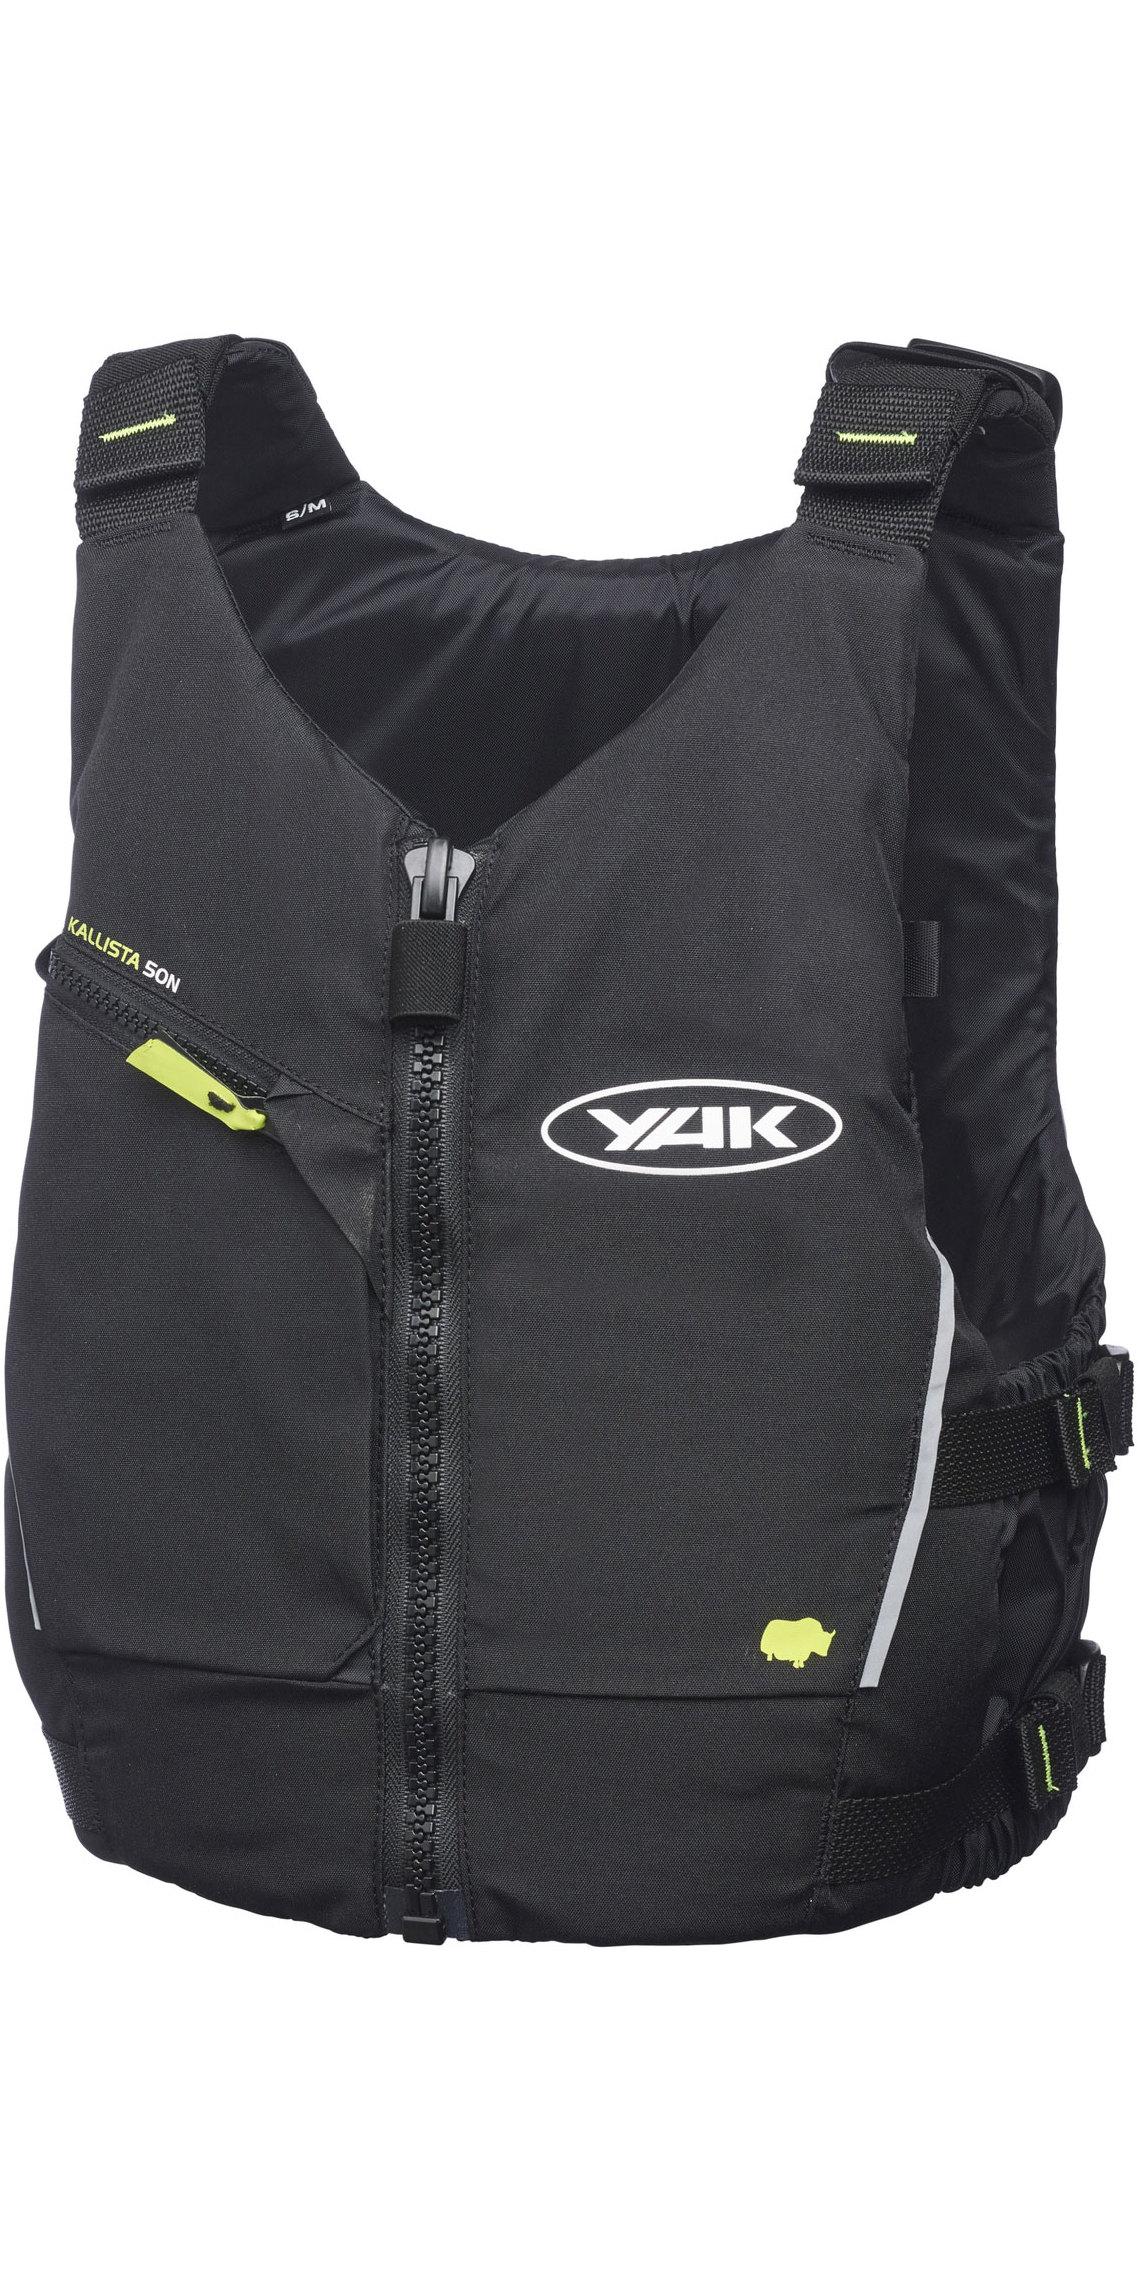 2019 Yak Junior Kallista Kayak 50N Buoyancy Aid Black 3707J